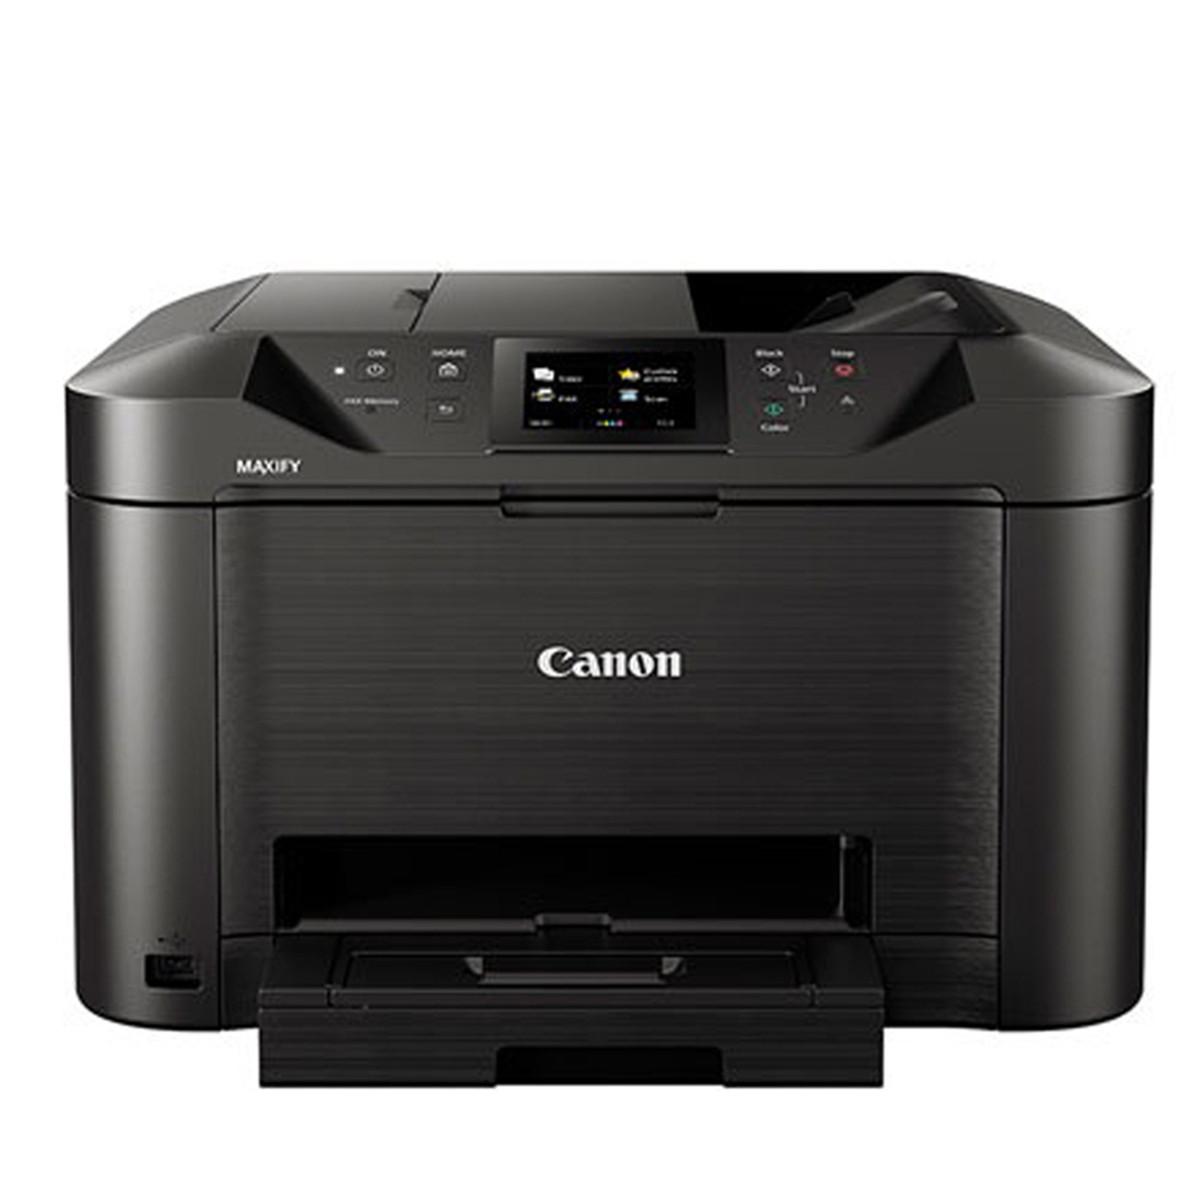 Impressora Canon Maxify MB5110 MB-5110 | Multifuncional Jato de Tinta com Conexão Wireless e Duplex